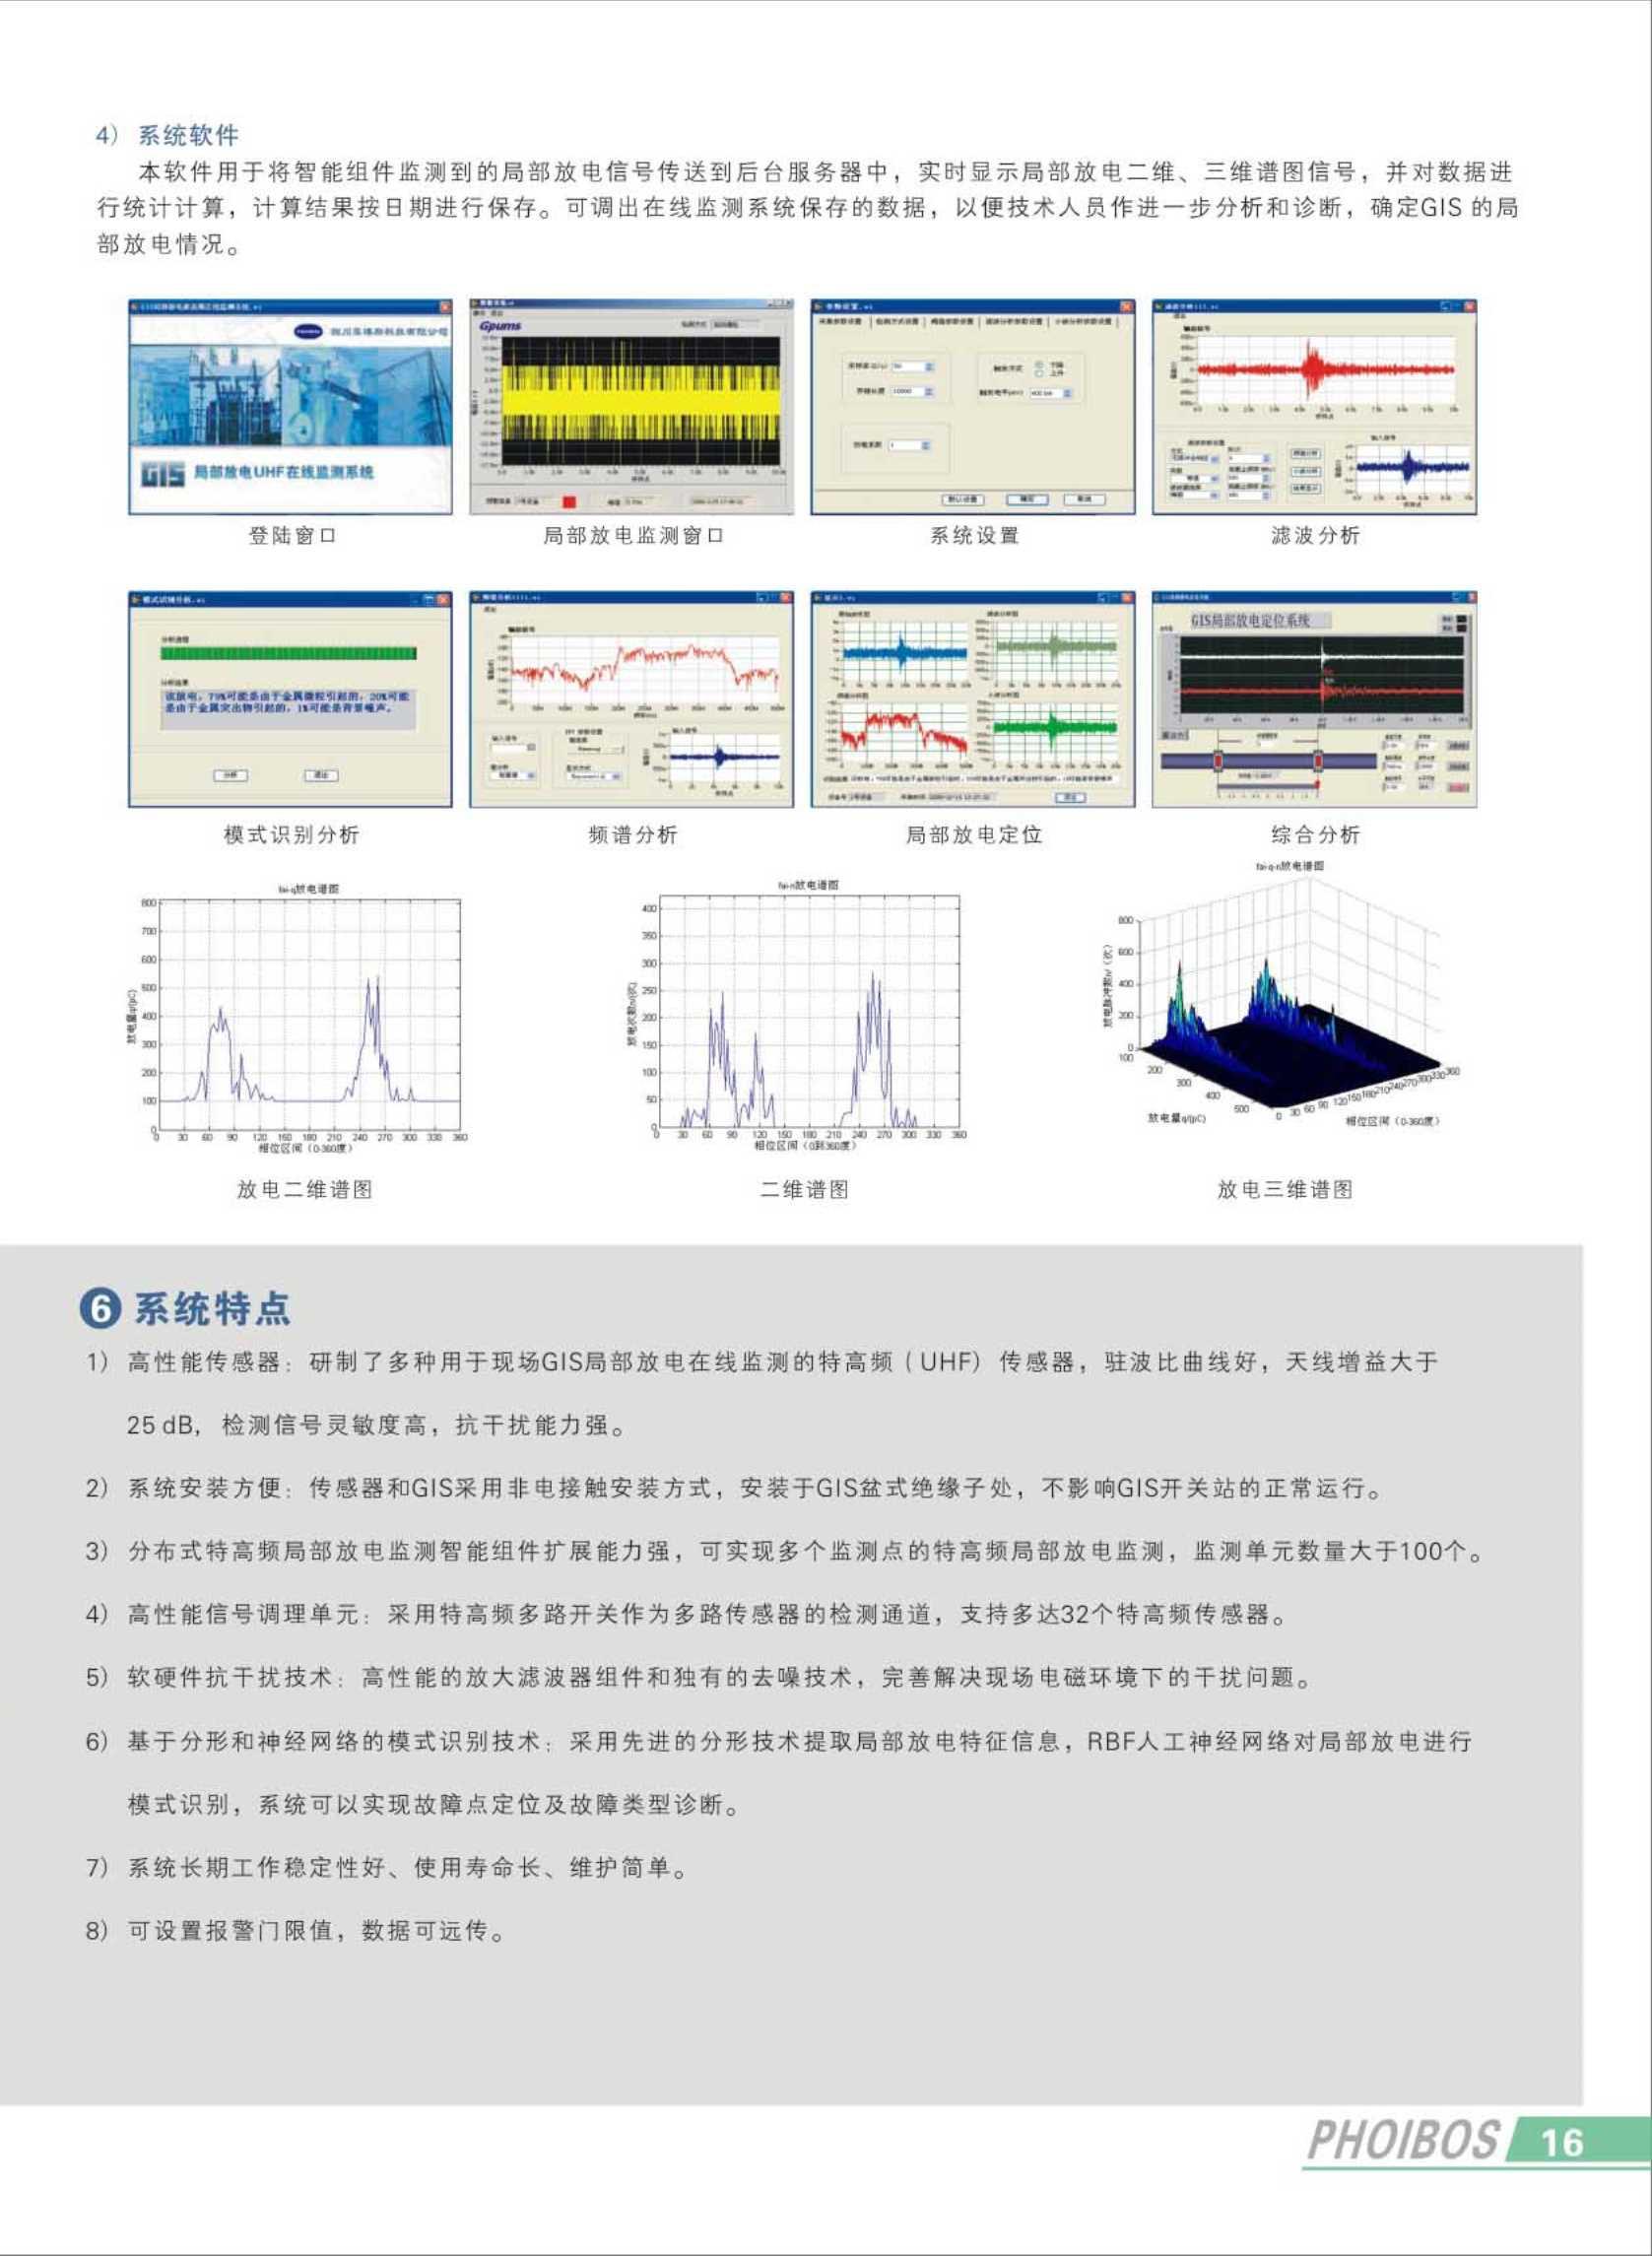 2015年GIS综合在线监测系统产品资料_17.Png